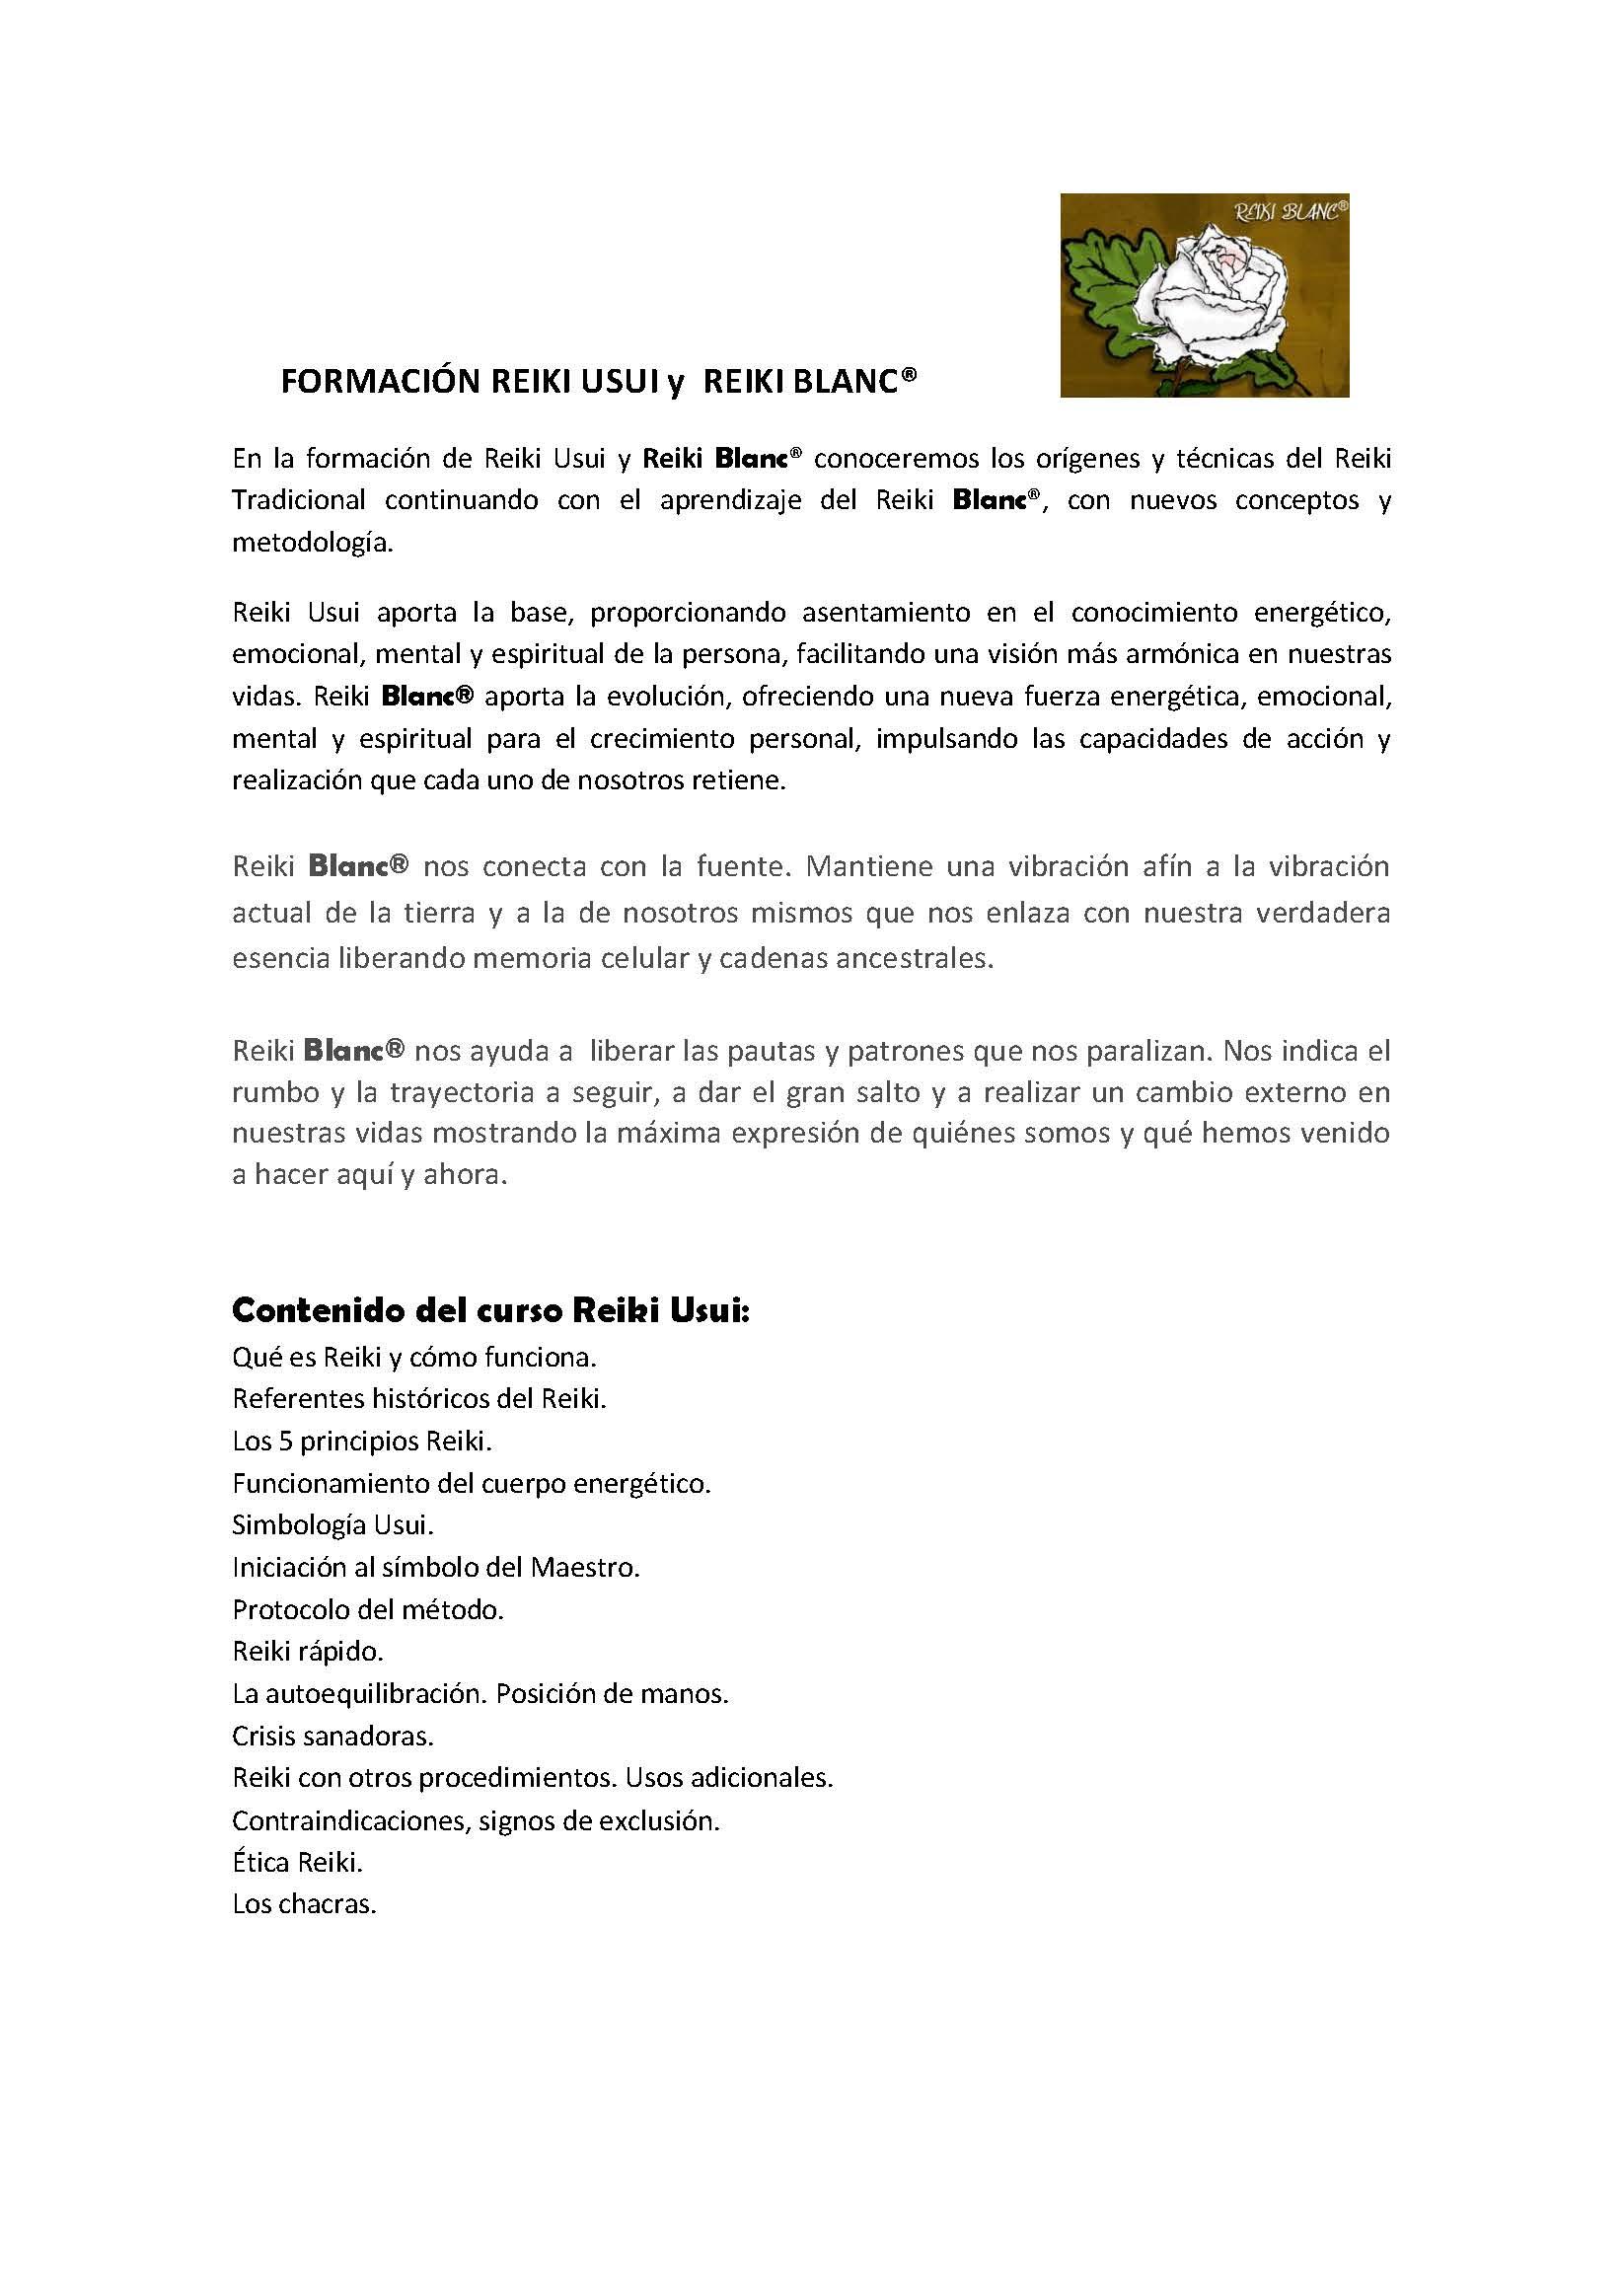 FORMACIÓN REIKI USUI BLANC 9 meses sin precio (1)_Page_1